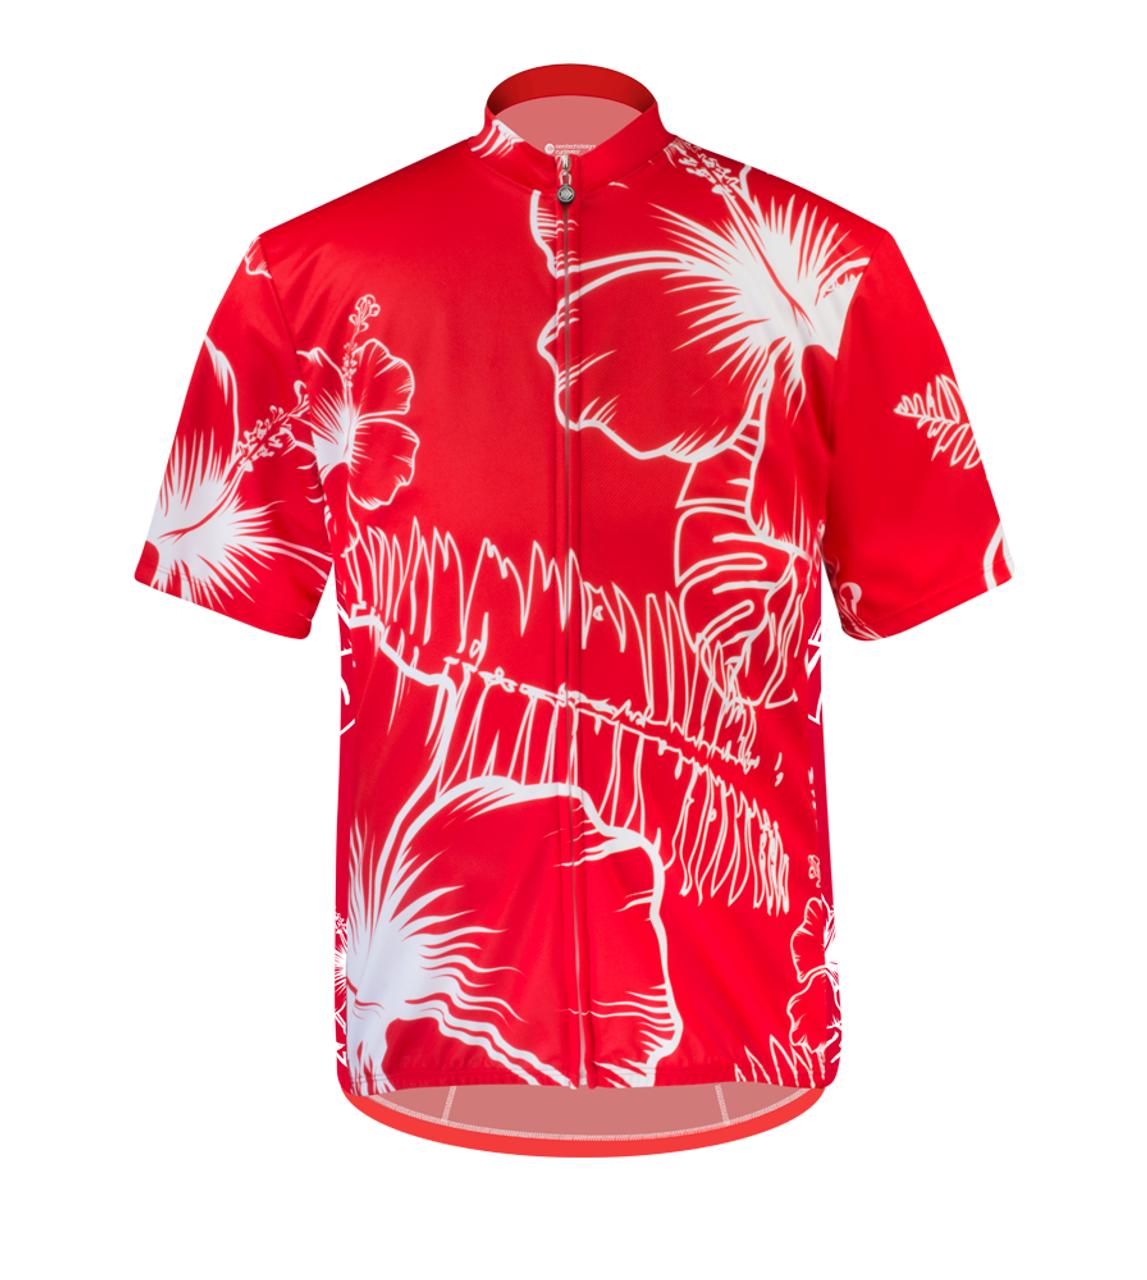 Aero Tech Big Man s Kahuna Cycling Jersey in Red Hawaiian print e53c62a84